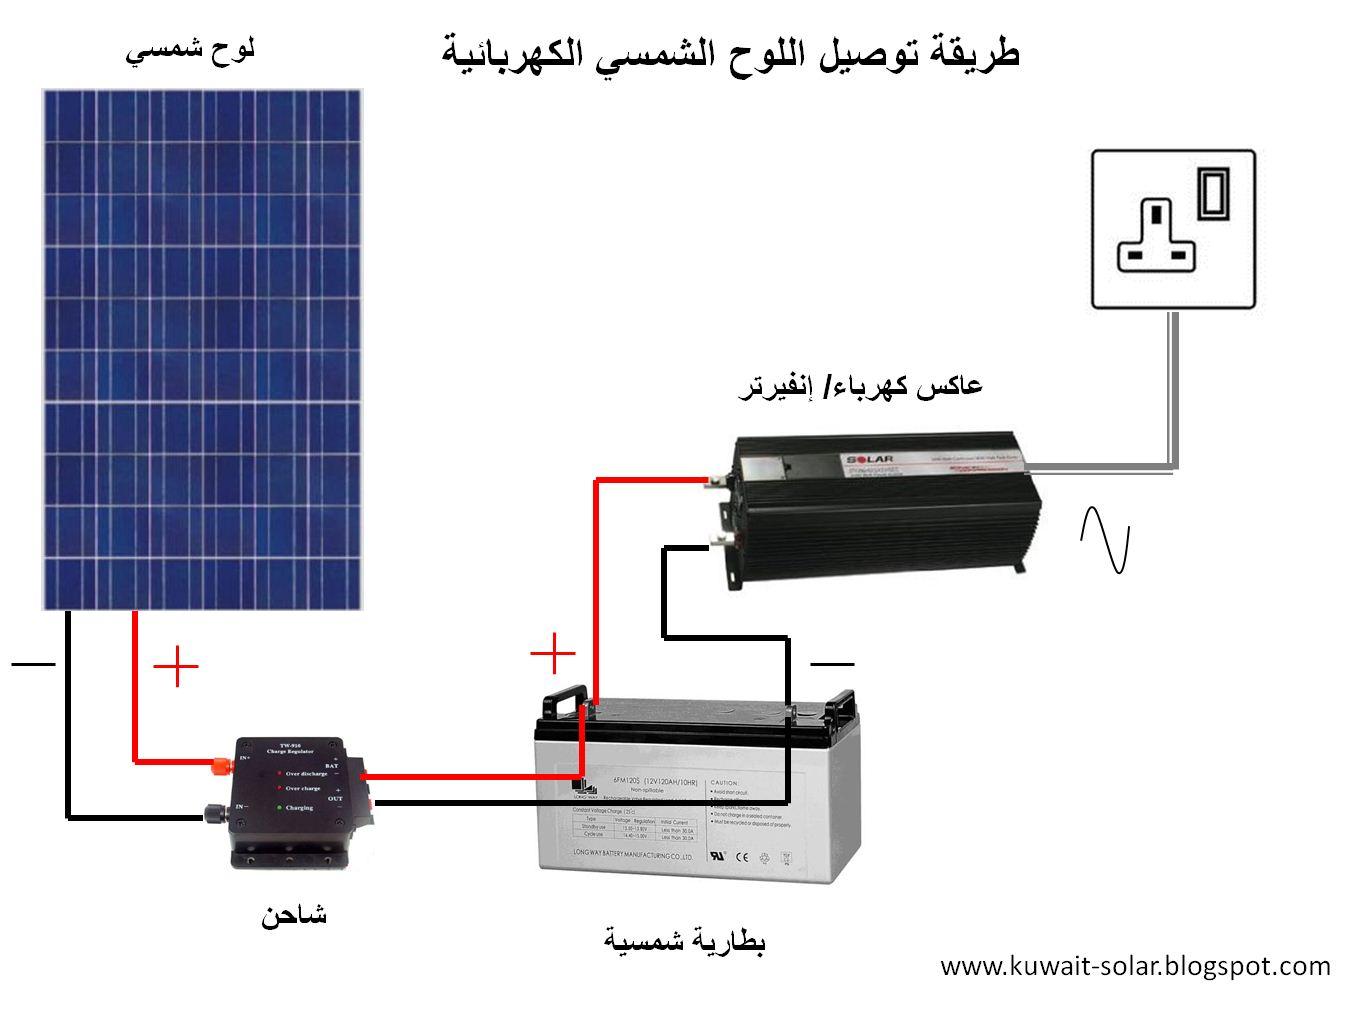 الطاقة الشمسية في الكويت والخليج العربي: الطاقة الشمسية ...